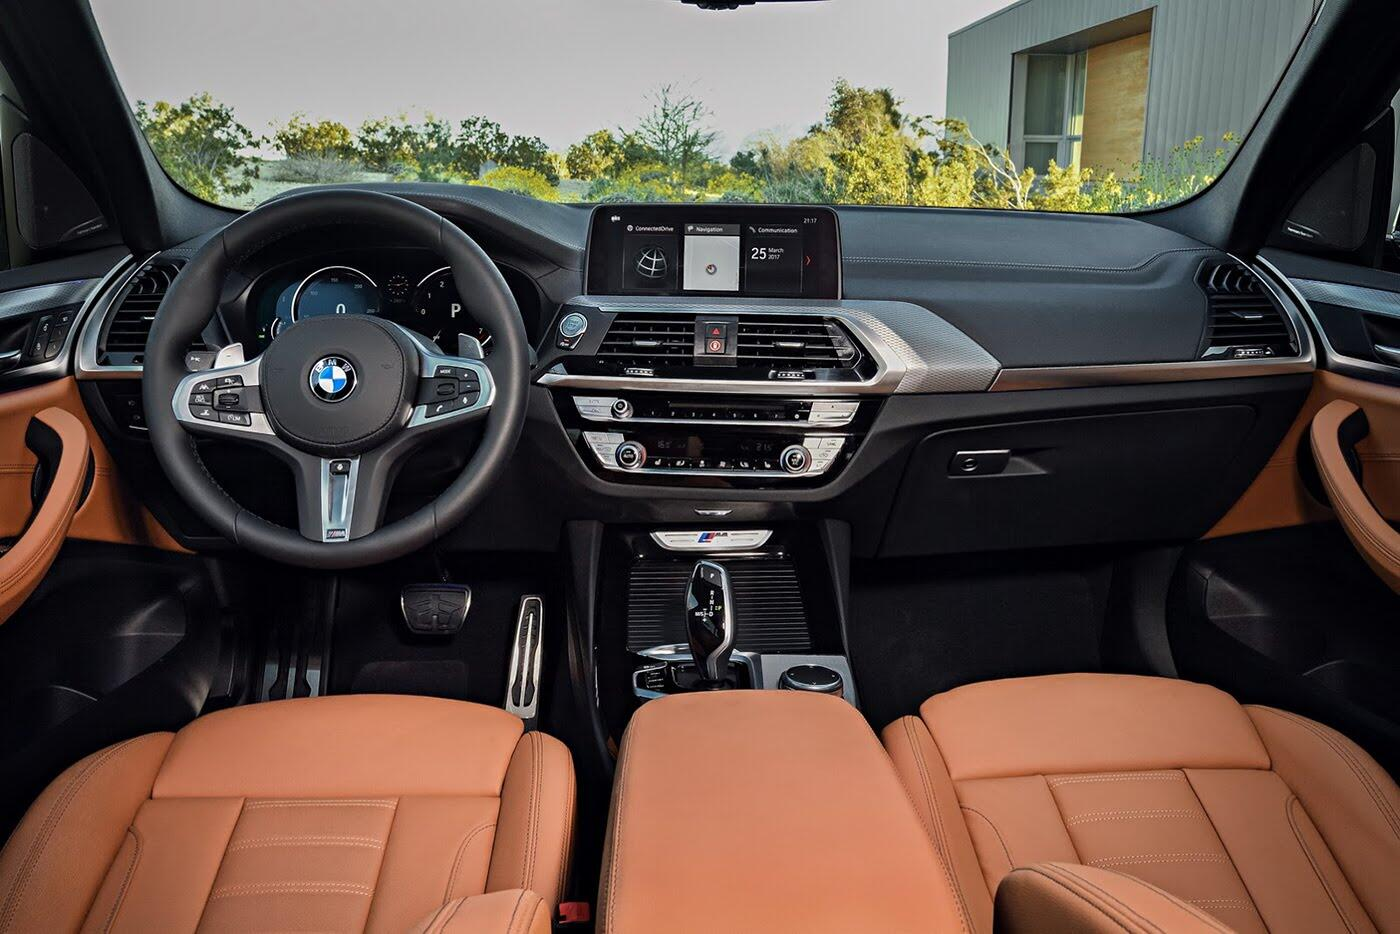 Ảnh chi tiết BMW X3 2018 hoàn toàn mới - Hình 16